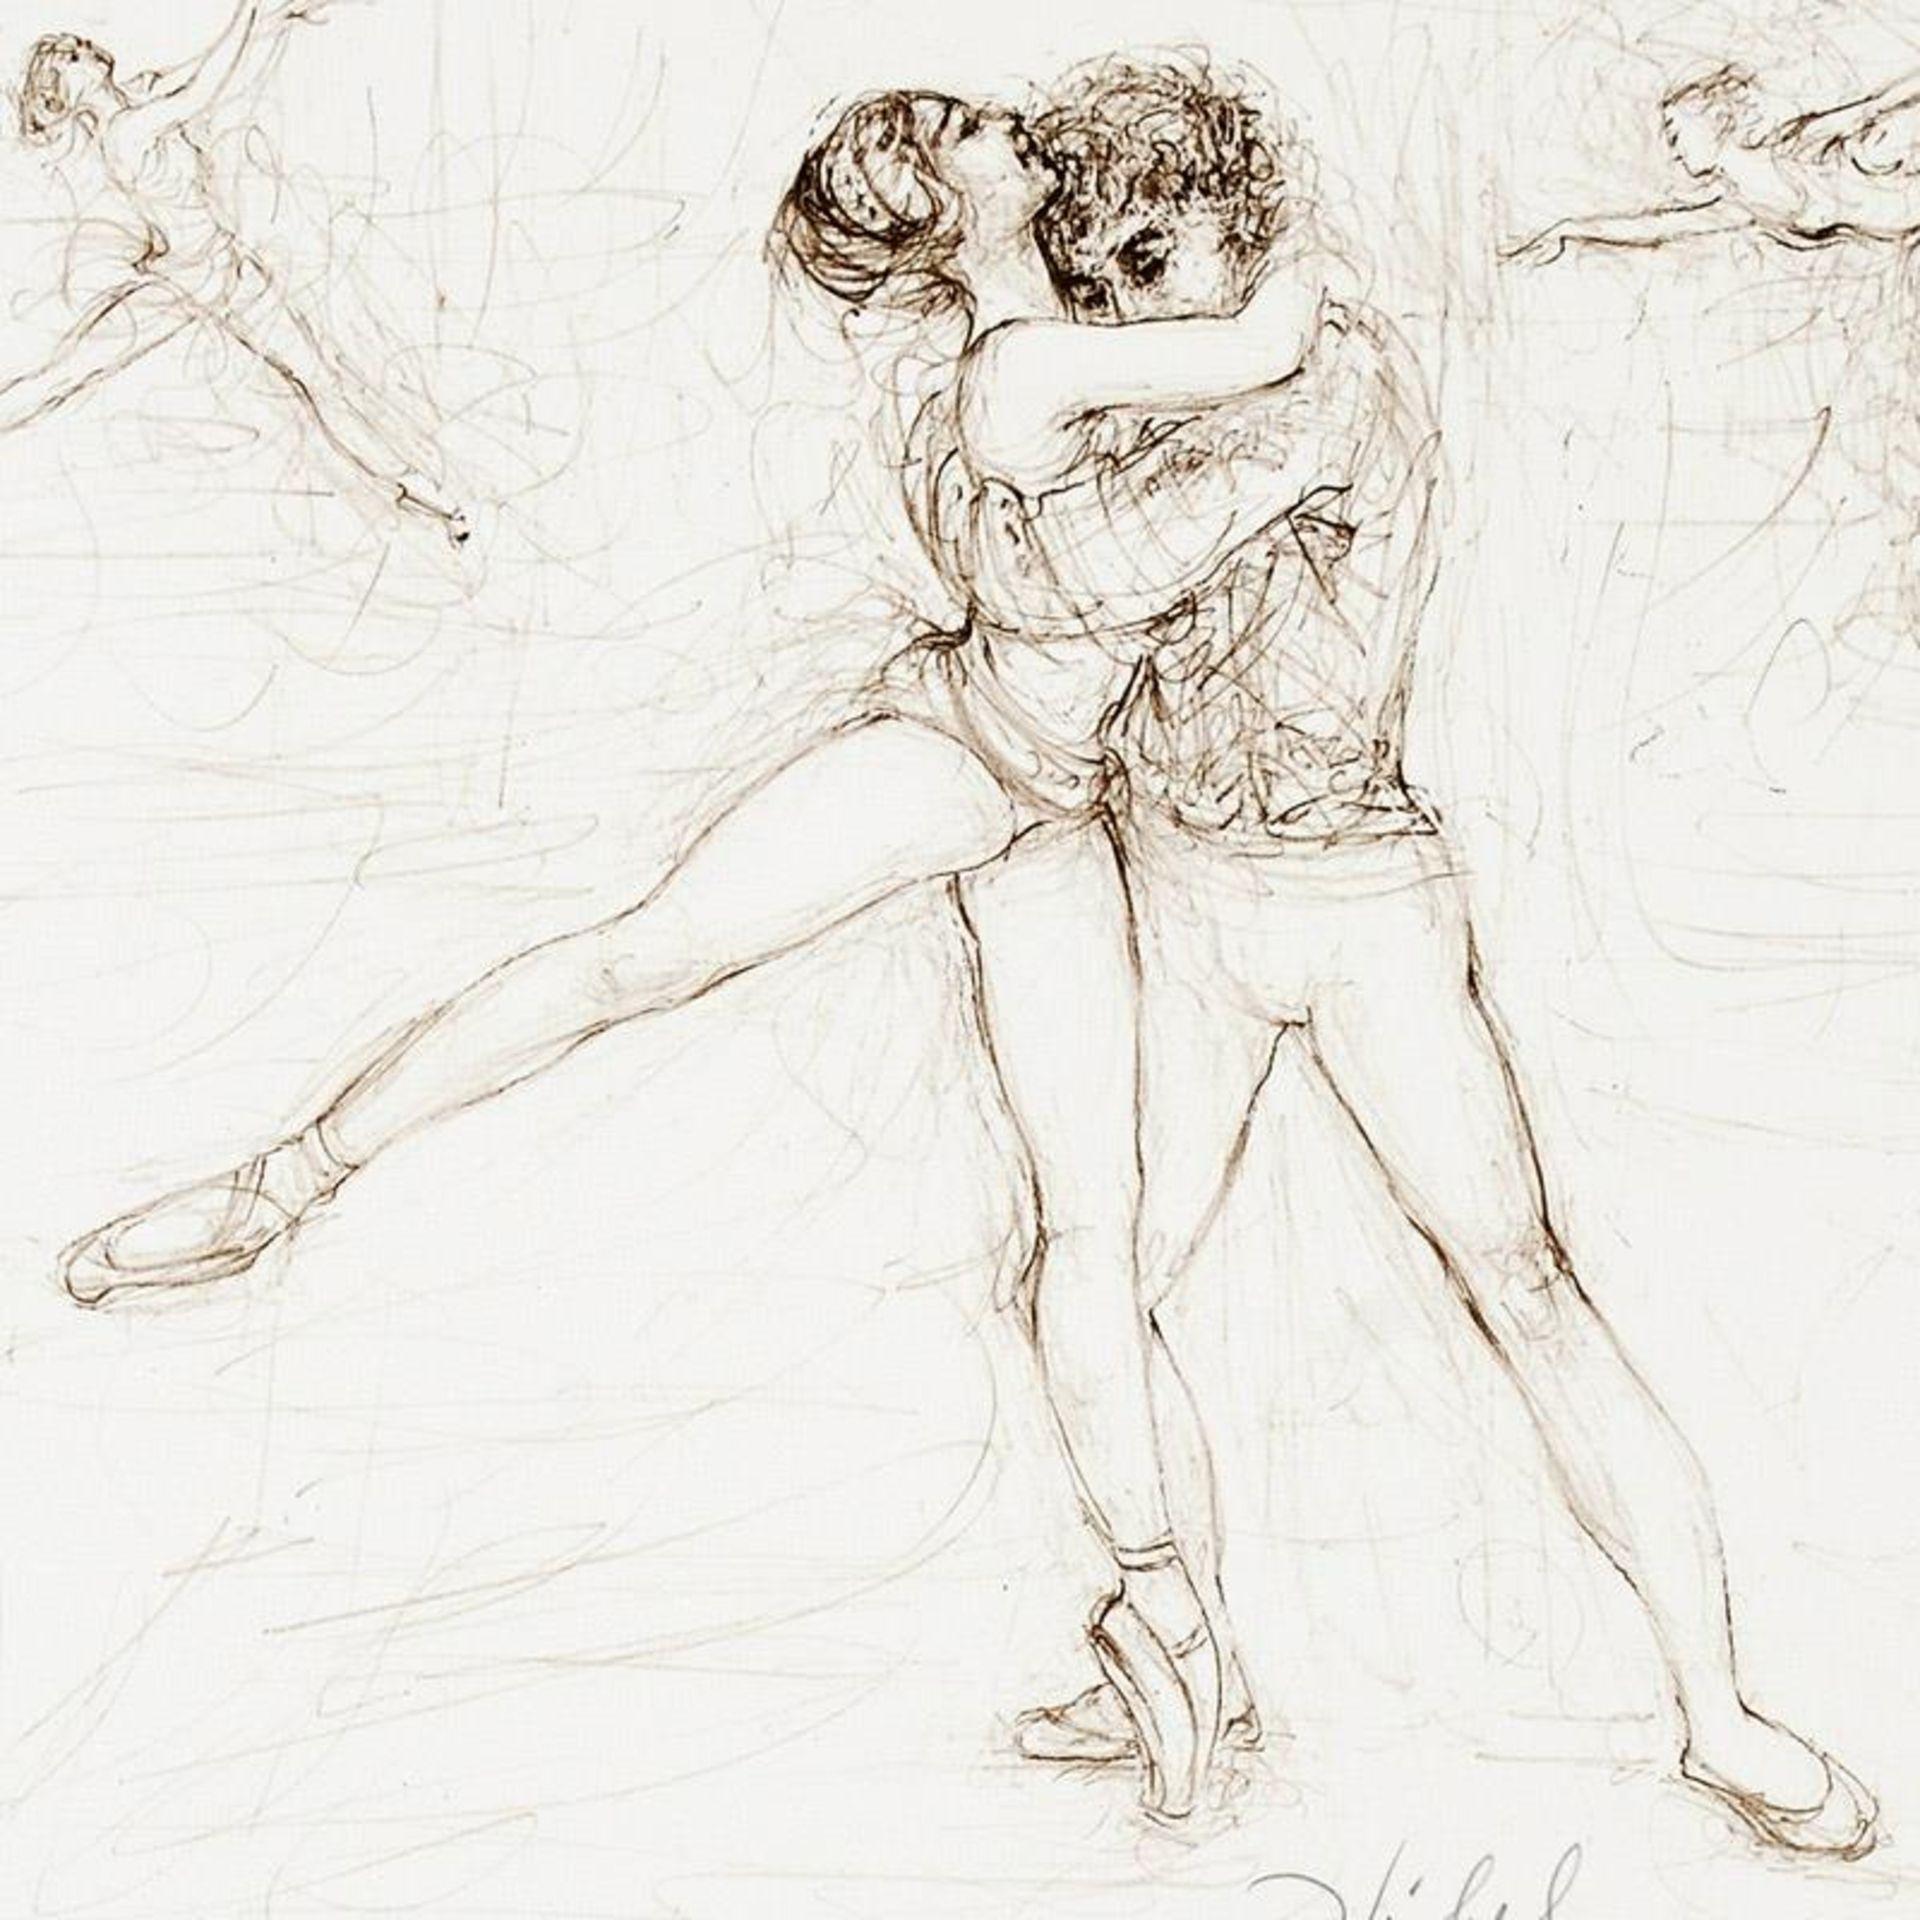 Pas de Deux by Hibel (1917-2014) - Image 2 of 2